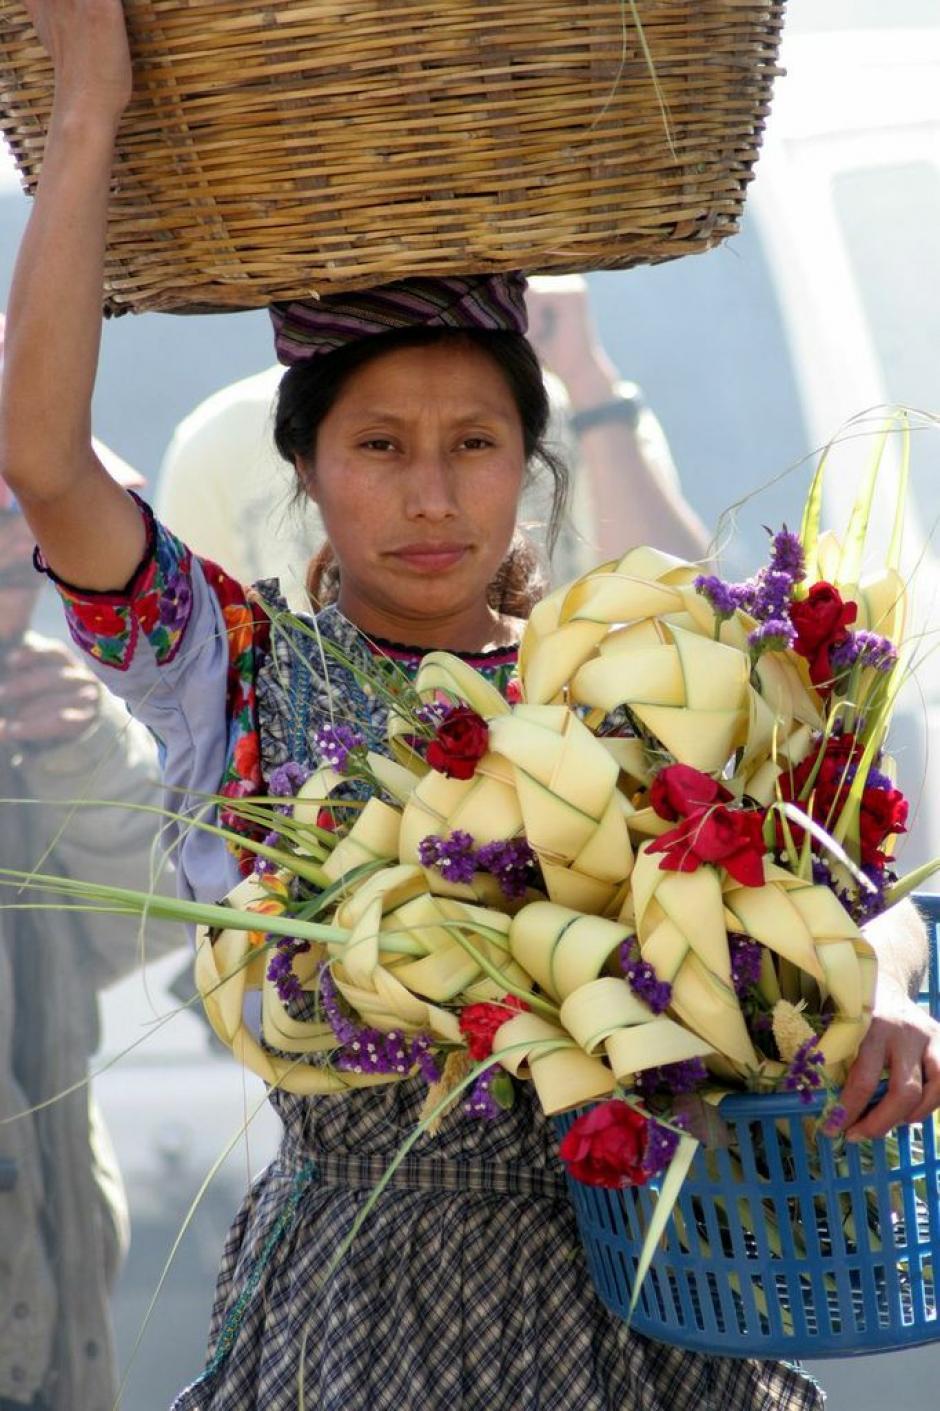 Las flores y los ramos le dan colorido a la procesión de Jesús de las Palmas. Aquí, una vendedora de palmas. (Foto: Raúl Illescas).